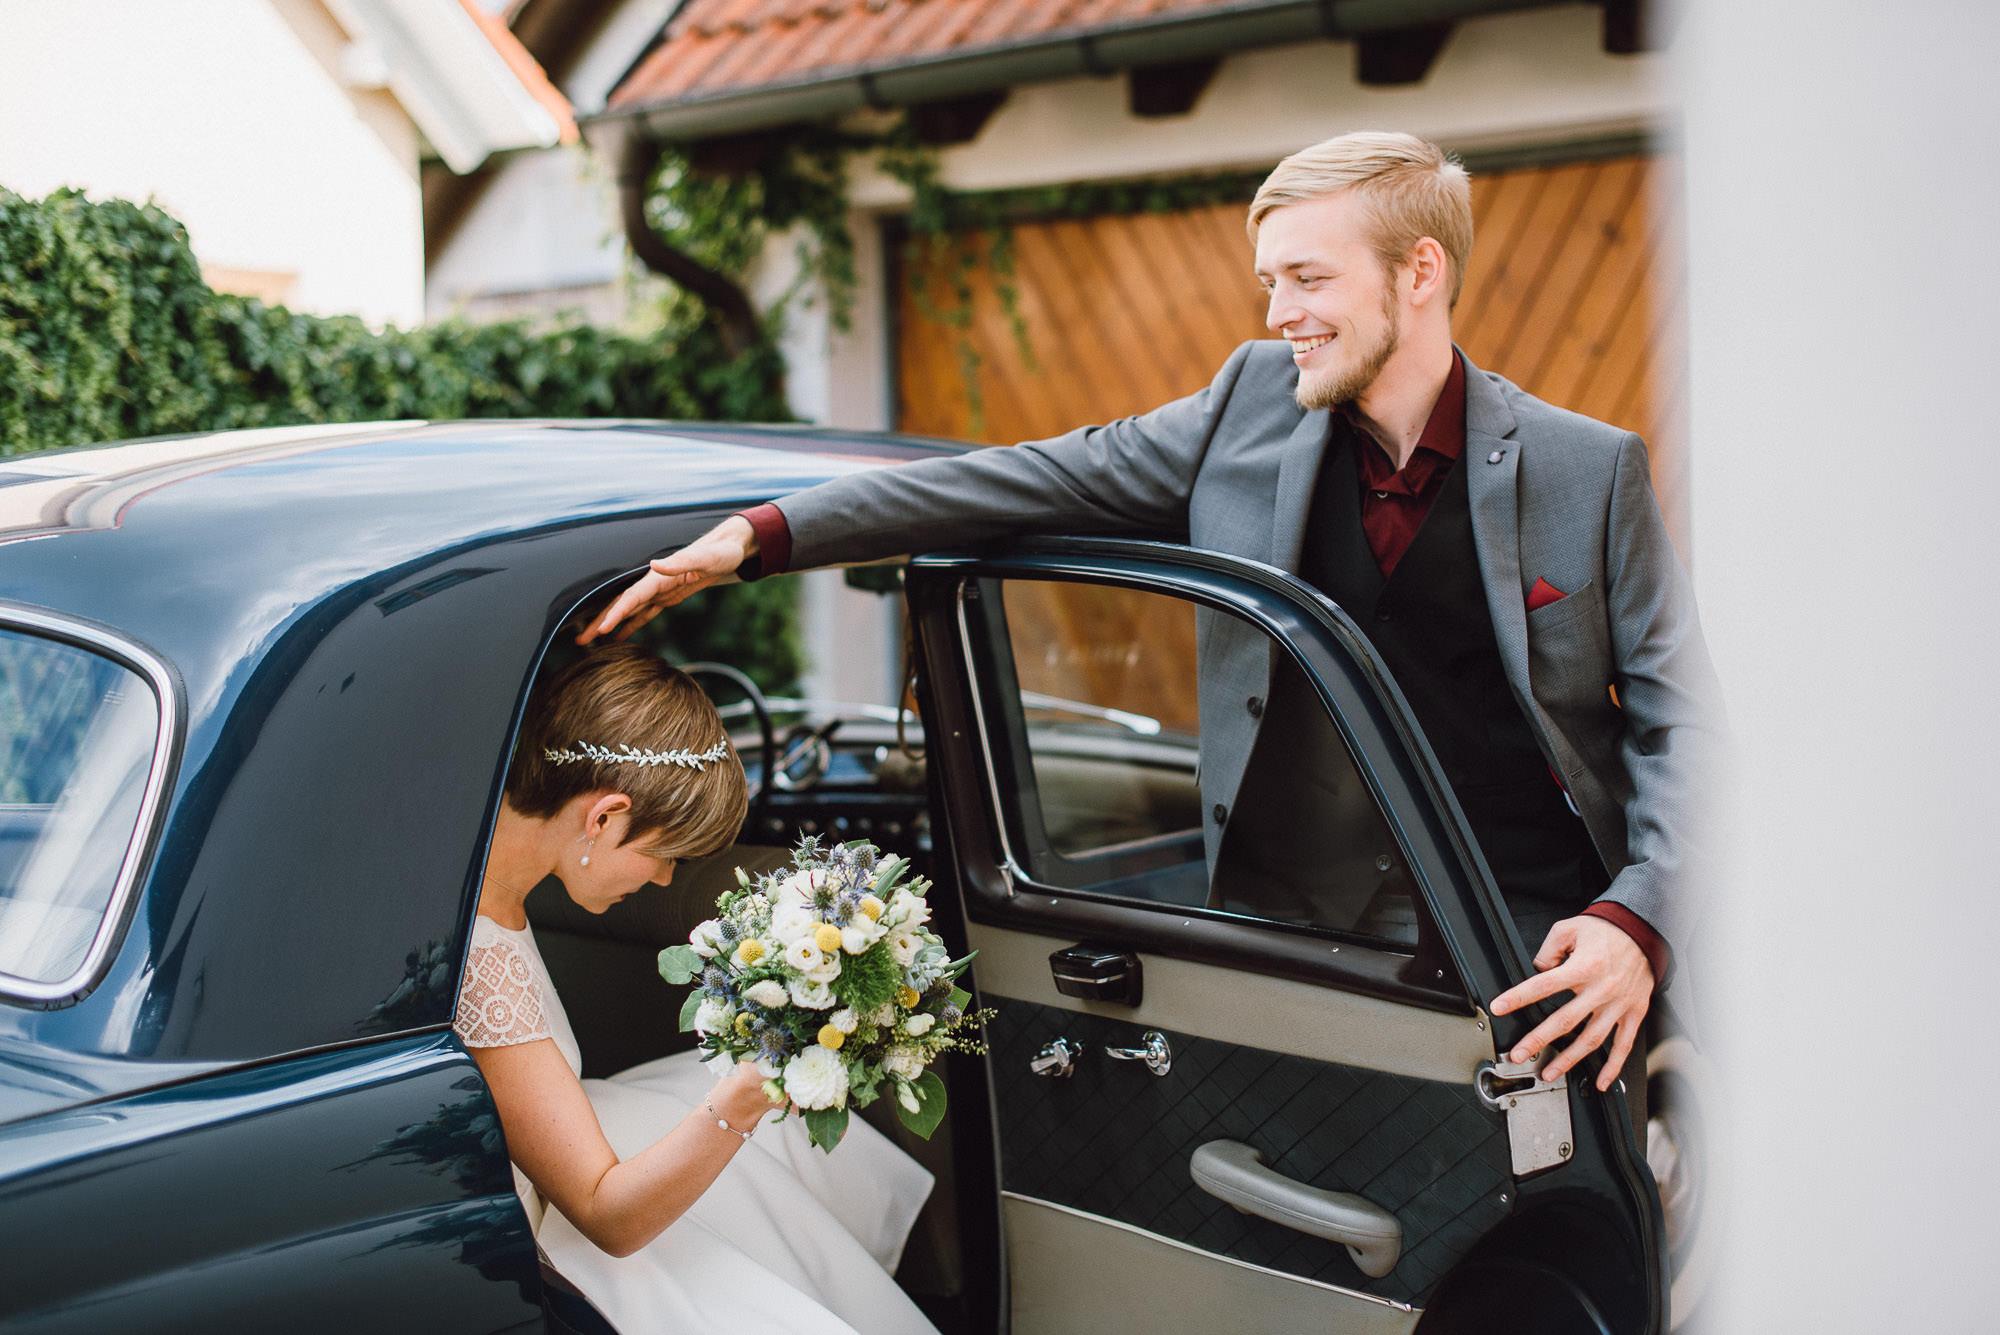 greenery-wedding-hochzeit-prielhof-sukkulenten-scheyern-lauraelenaphotography-014